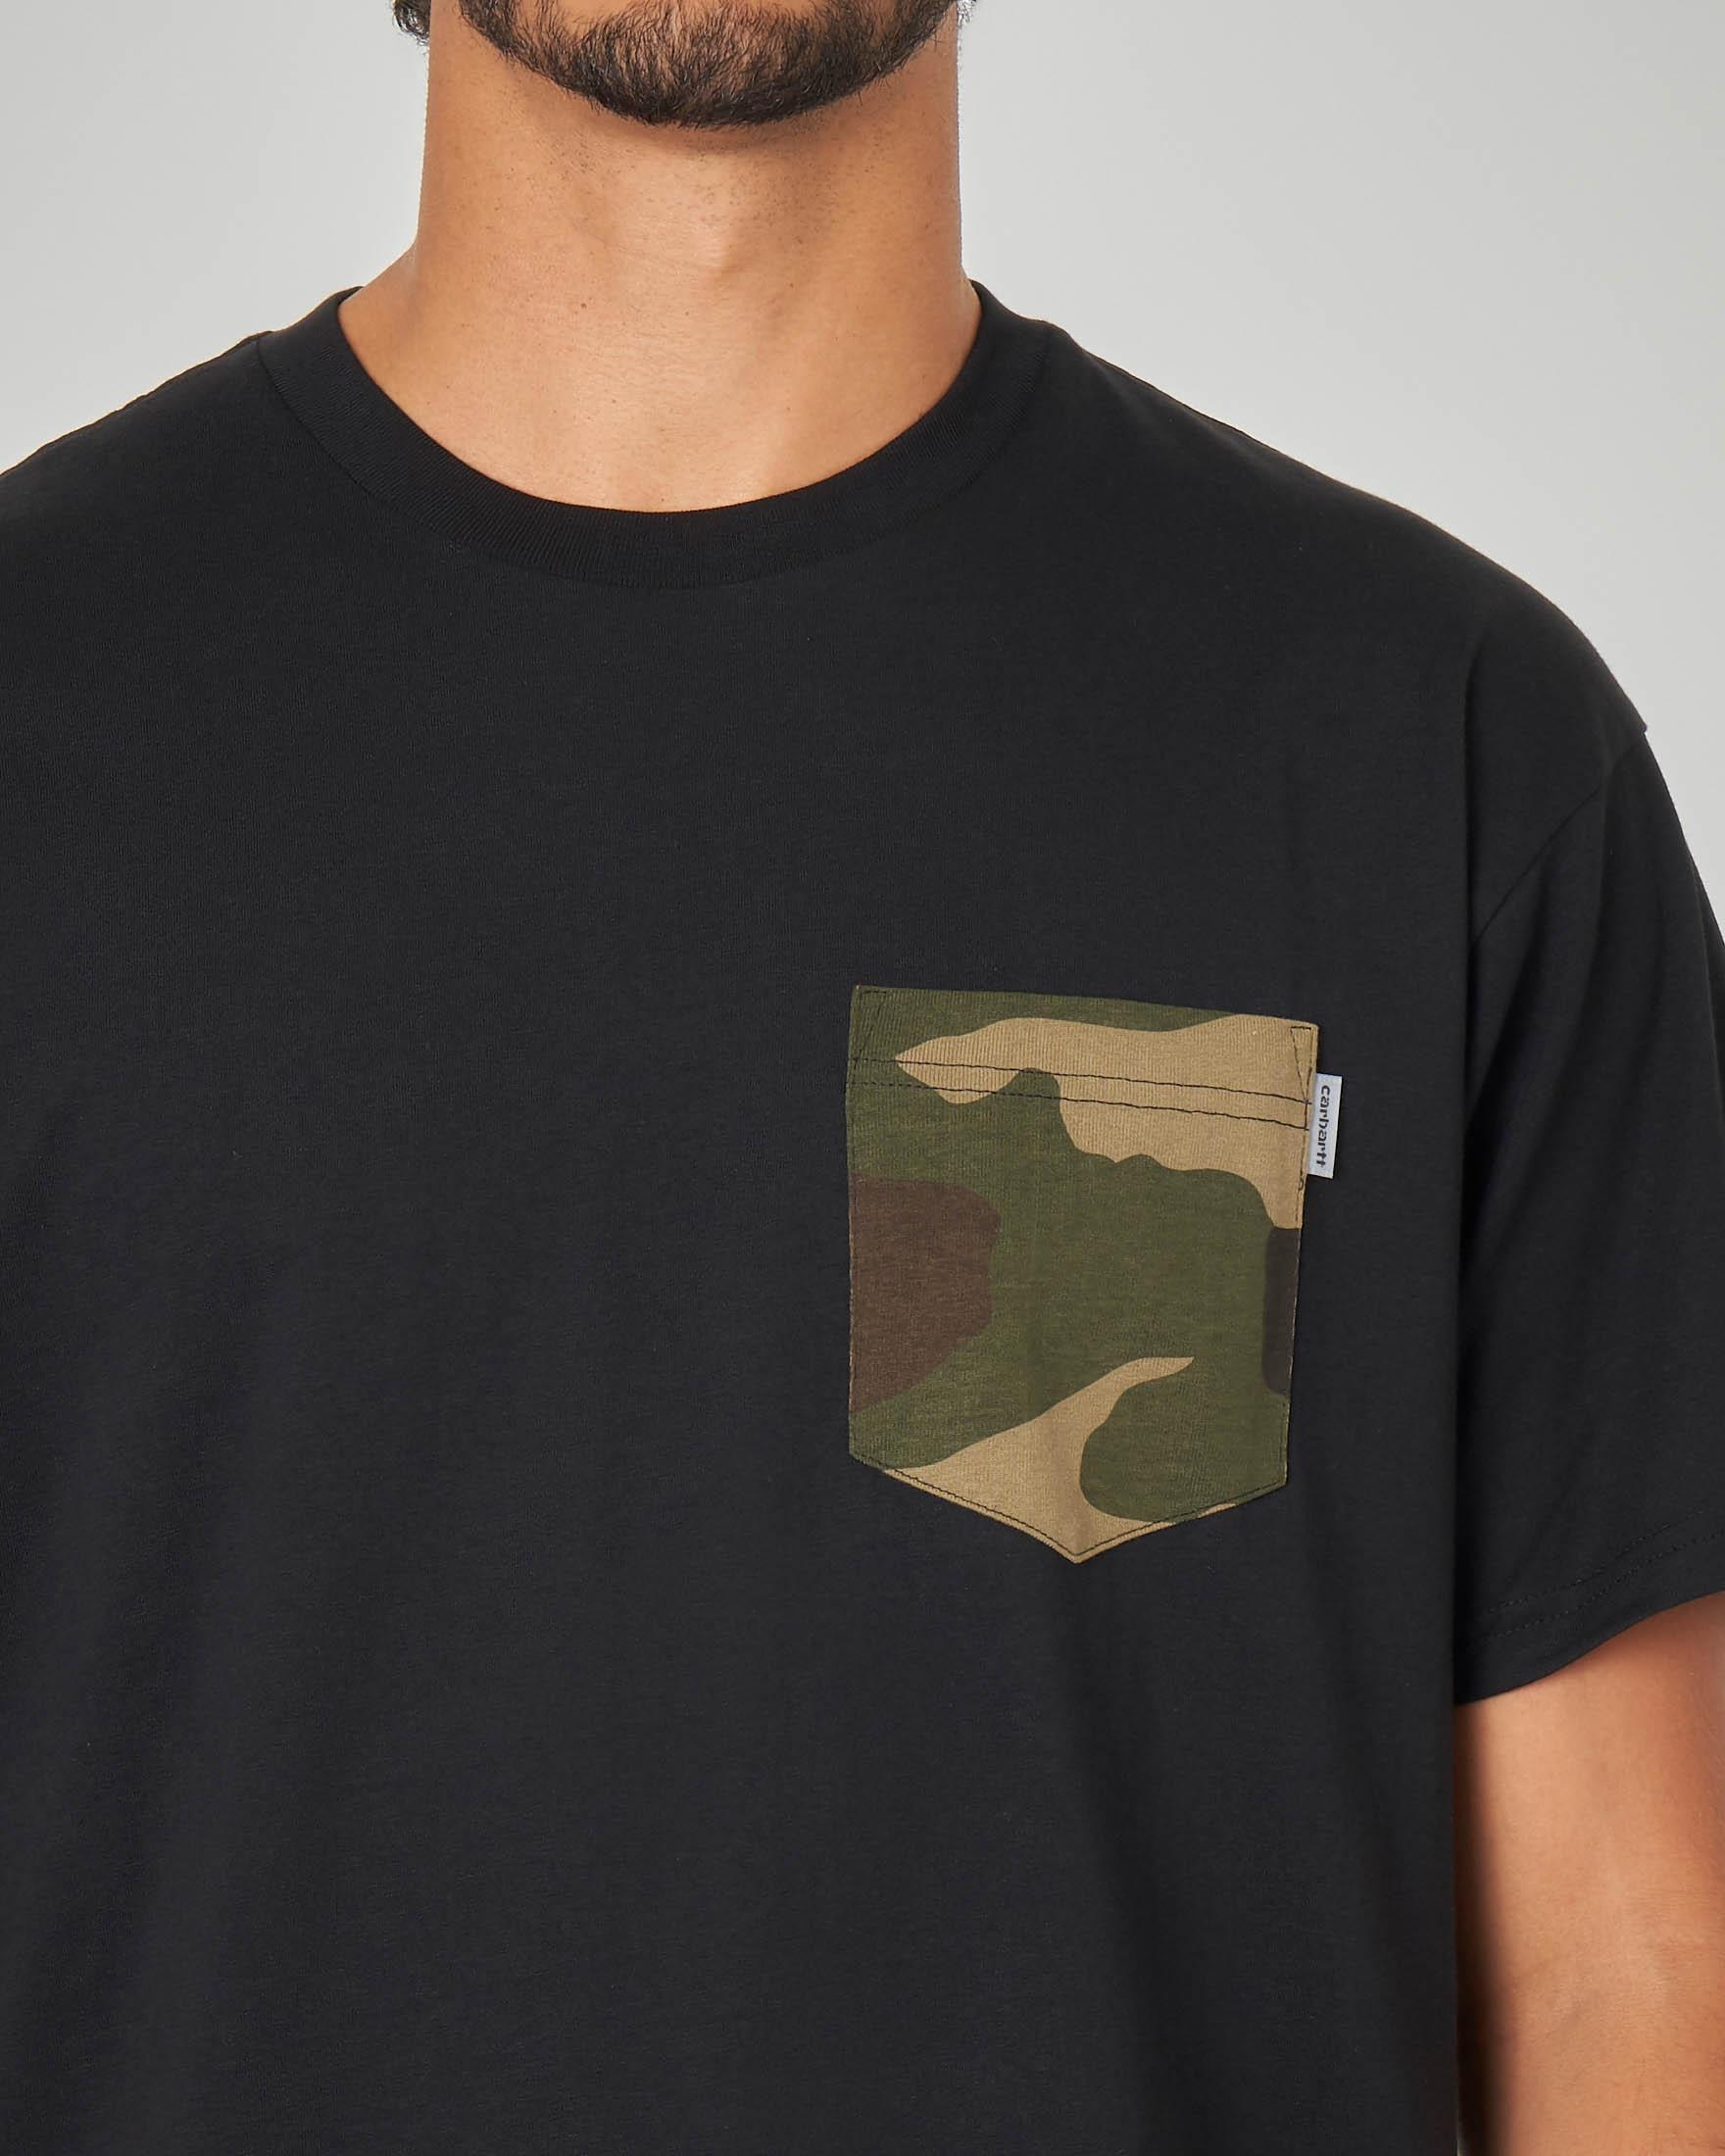 T-shirt nero con taschino camouflage